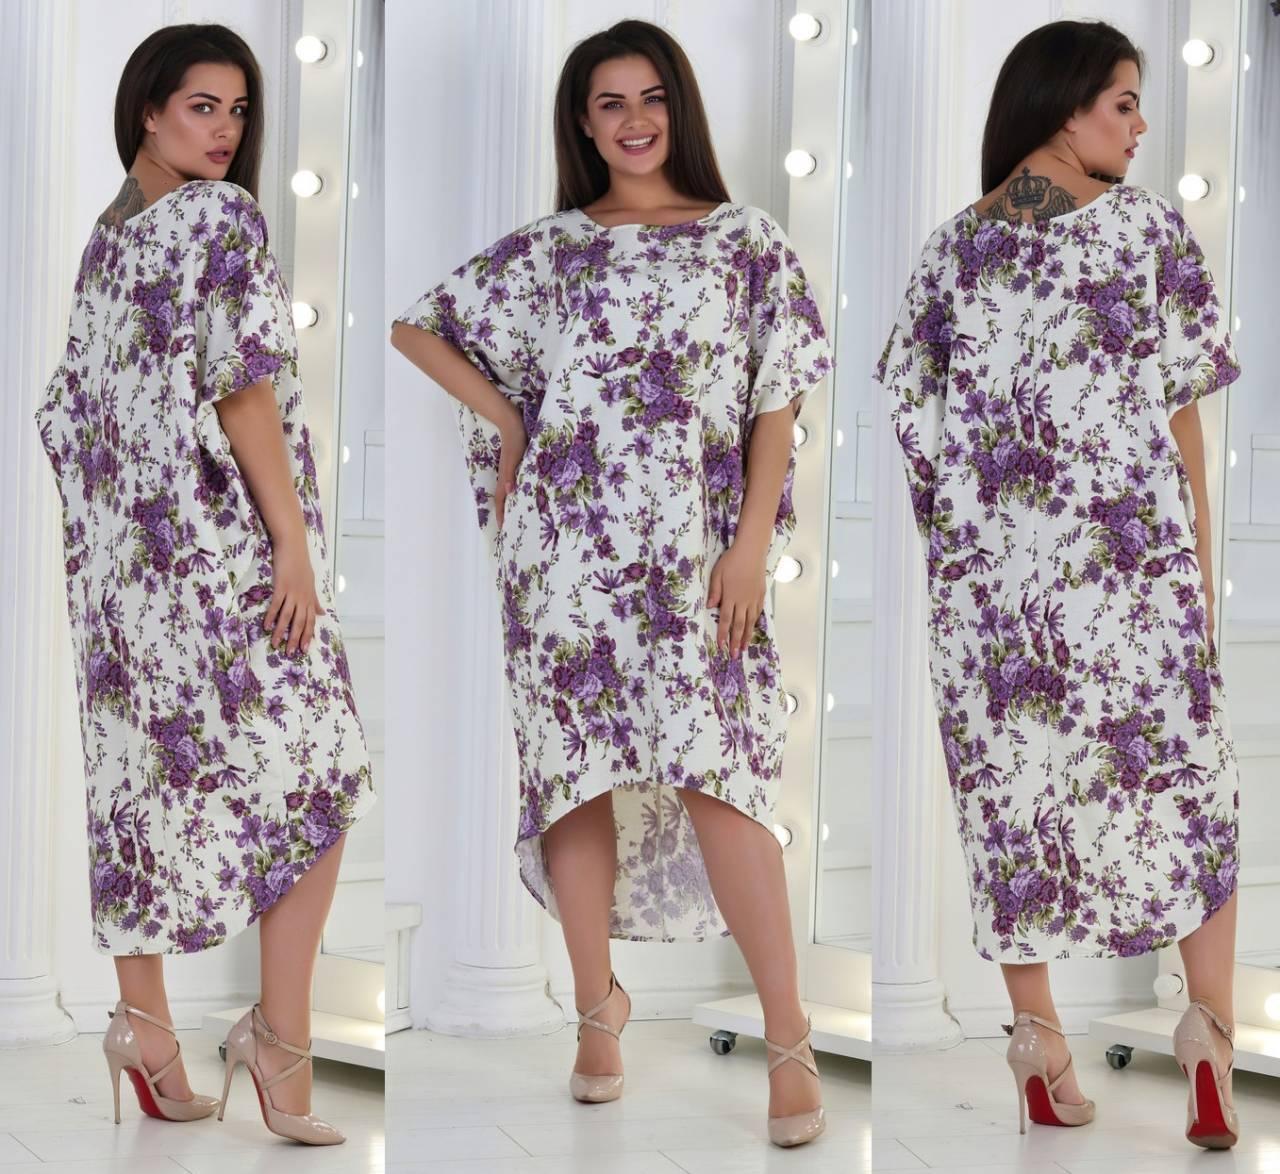 Летнее широкое платье из льна в цветочный принт, удлиненное сзади, батал большие размеры